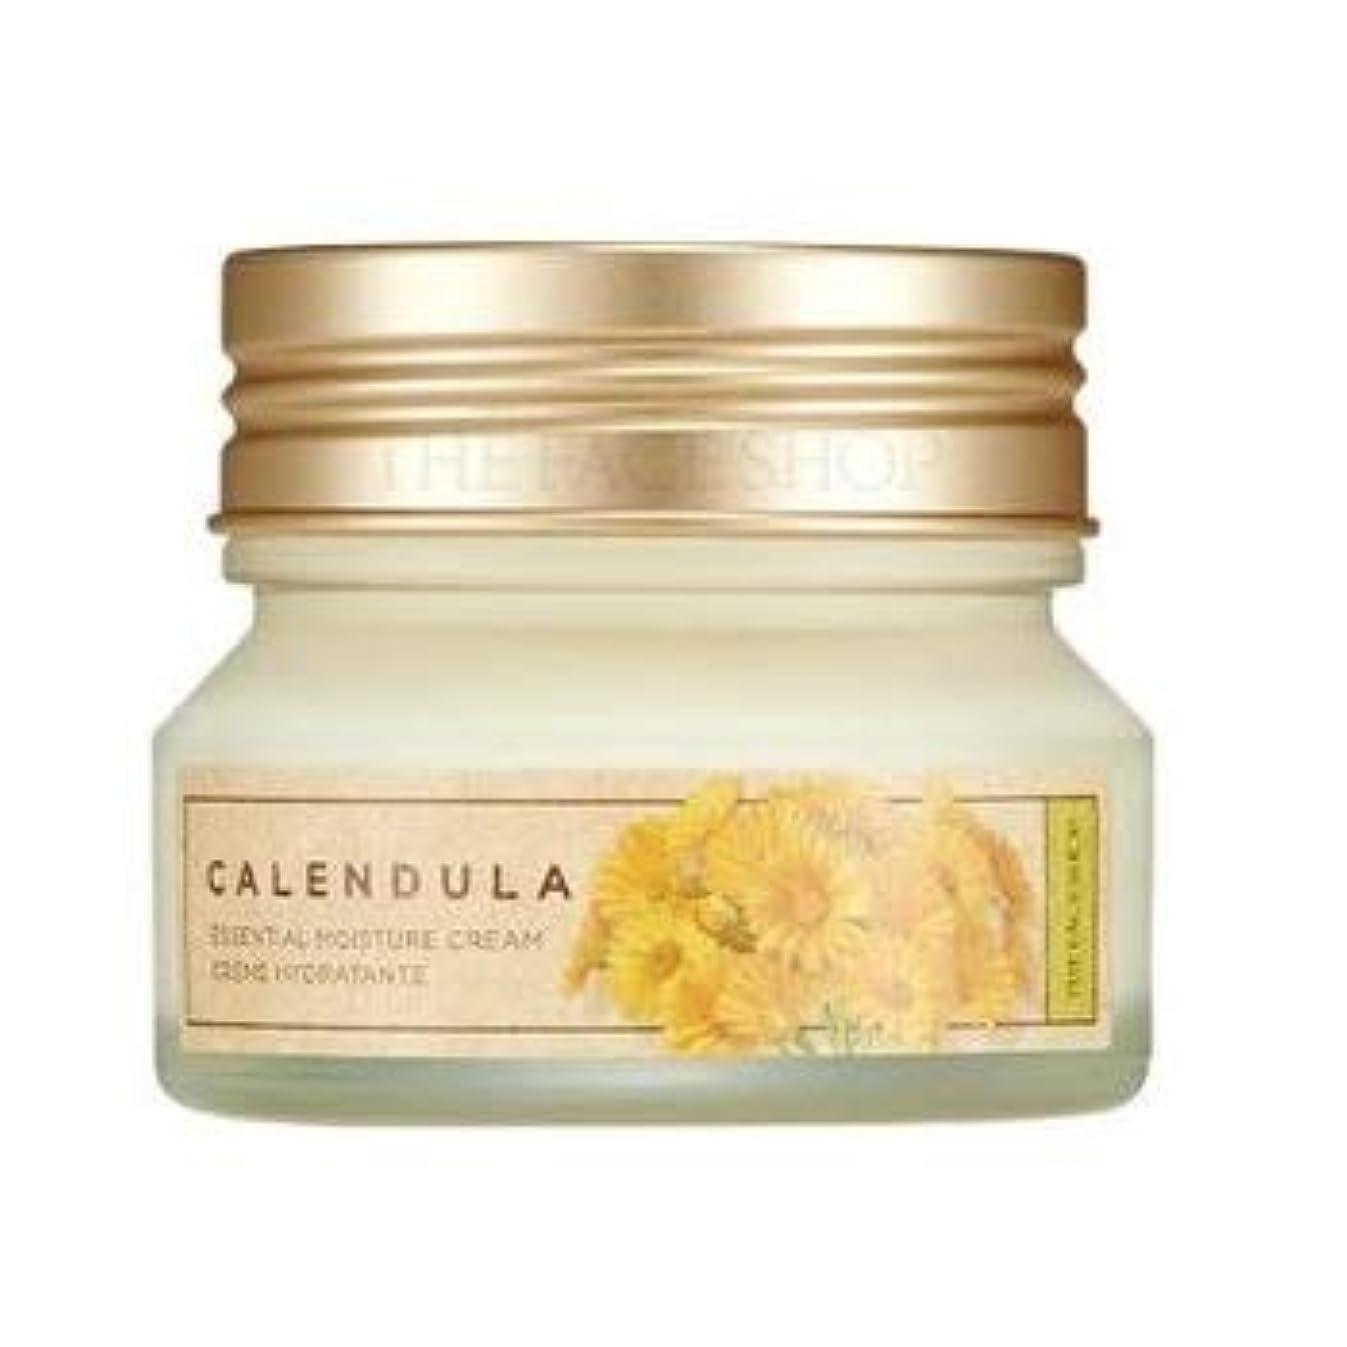 健全曲線する必要があるTHE FACE SHOP Calendula Essential Moisture Cream ザフェイスショップ カレンデュラ エッセンシャル モイスチャー クリーム [並行輸入品]